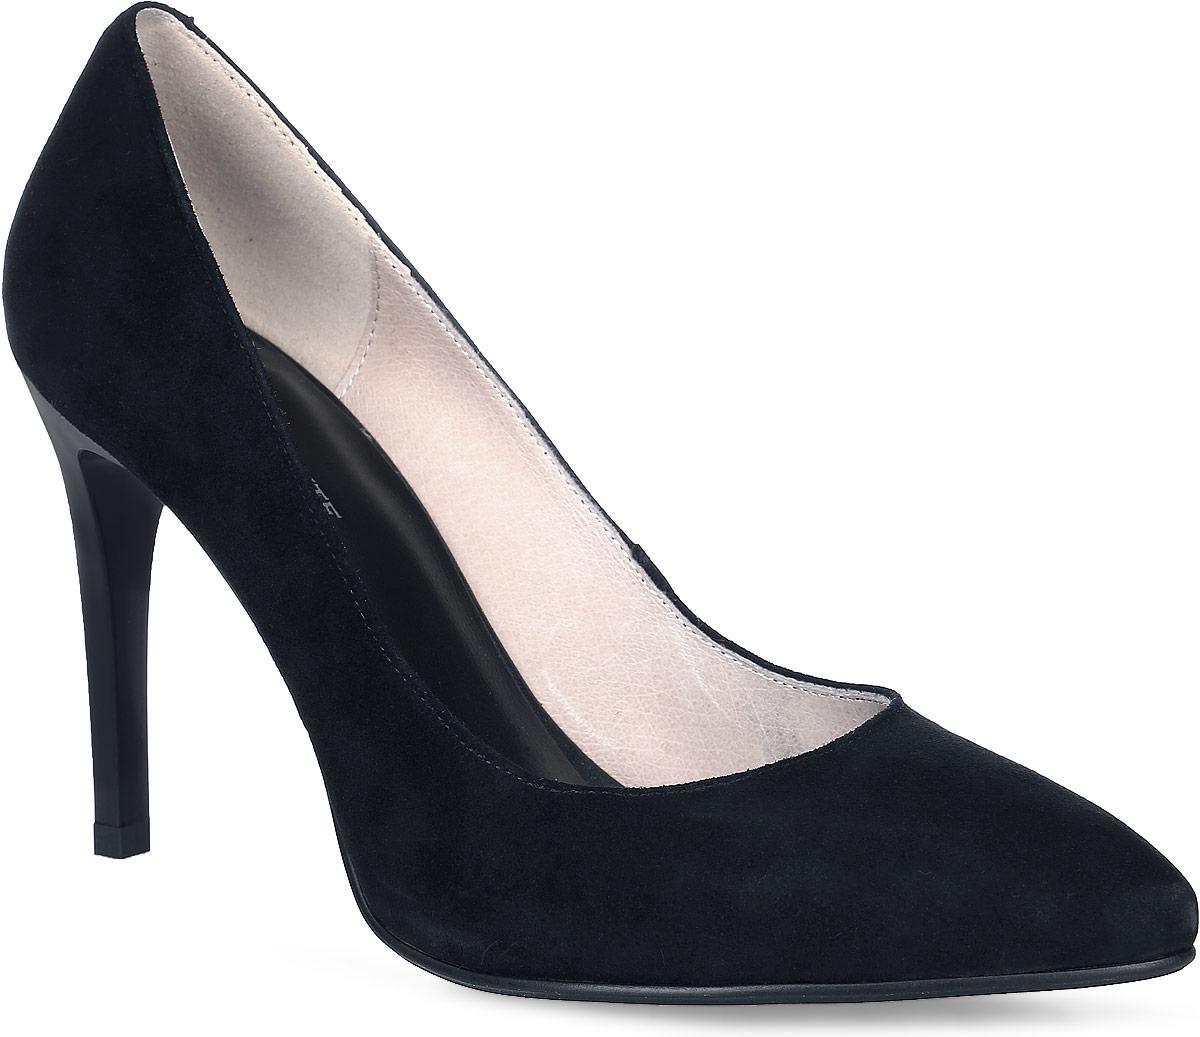 91-307-11-2Роскошные туфли от Paolo Conte покорят вас с первого взгляда! Модель выполнена из натурального велюра. Заостренный носок смотрится невероятно женственно. Внутренняя поверхность и стелька из натуральной кожи комфортны при ходьбе. Высокий каблук устойчив. Каблук дополнен рифлением.